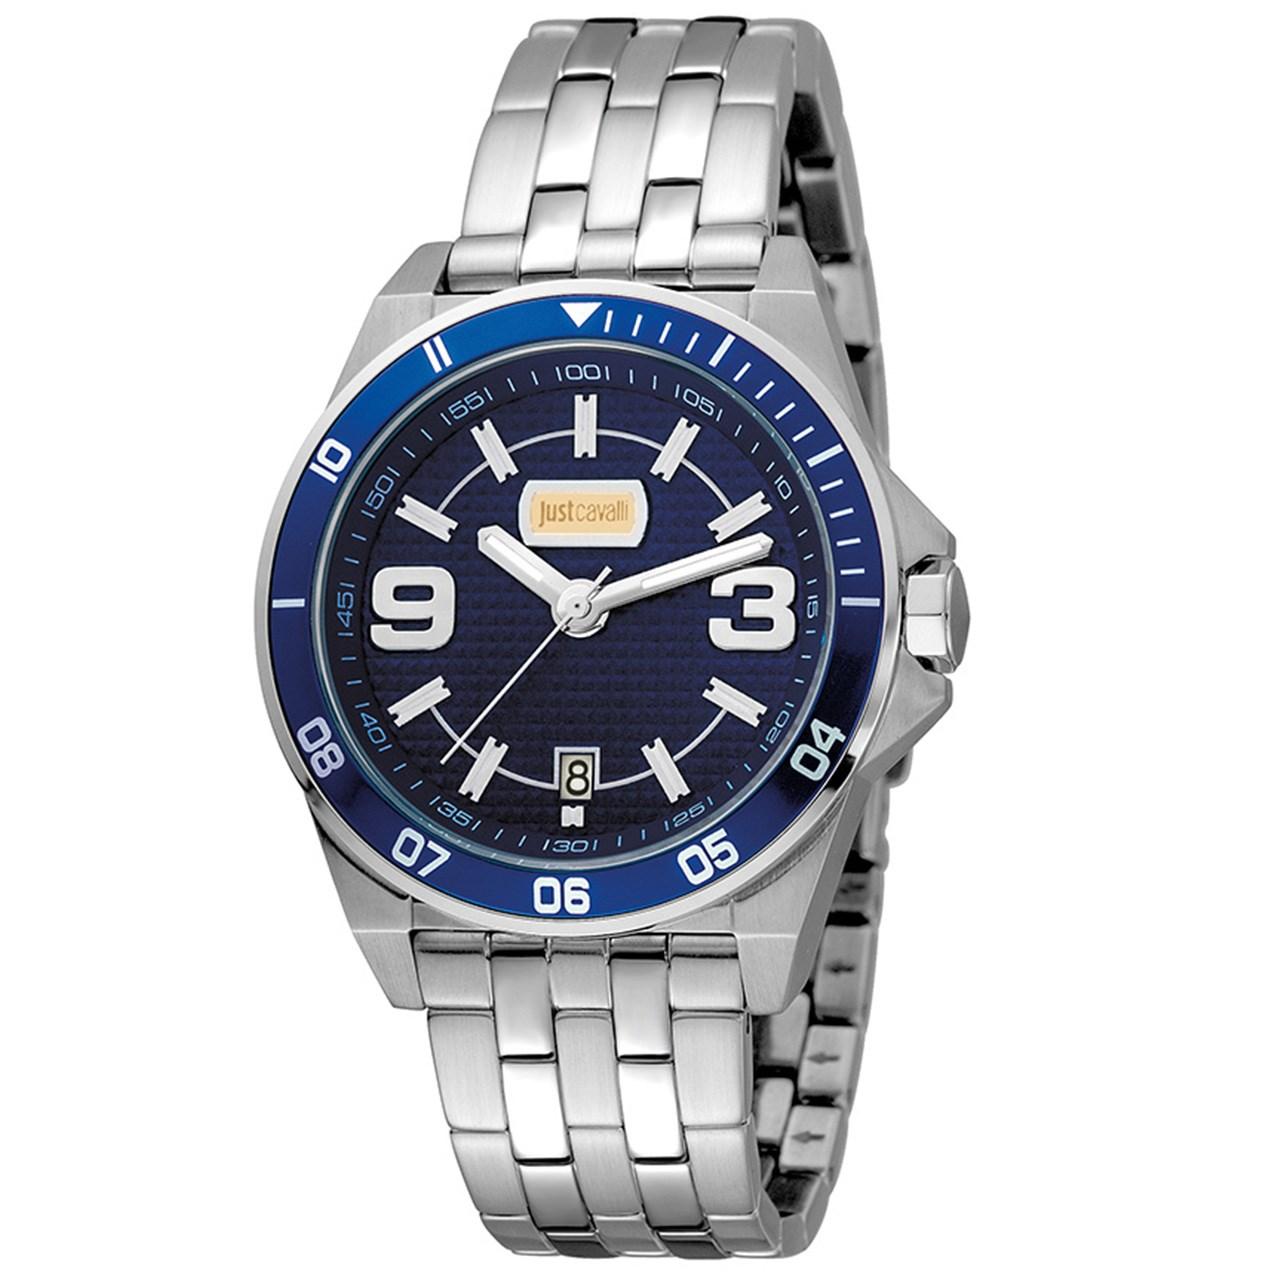 ساعت مچی عقربه ای مردانه جاست کاوالی مدل JC1G014M0075